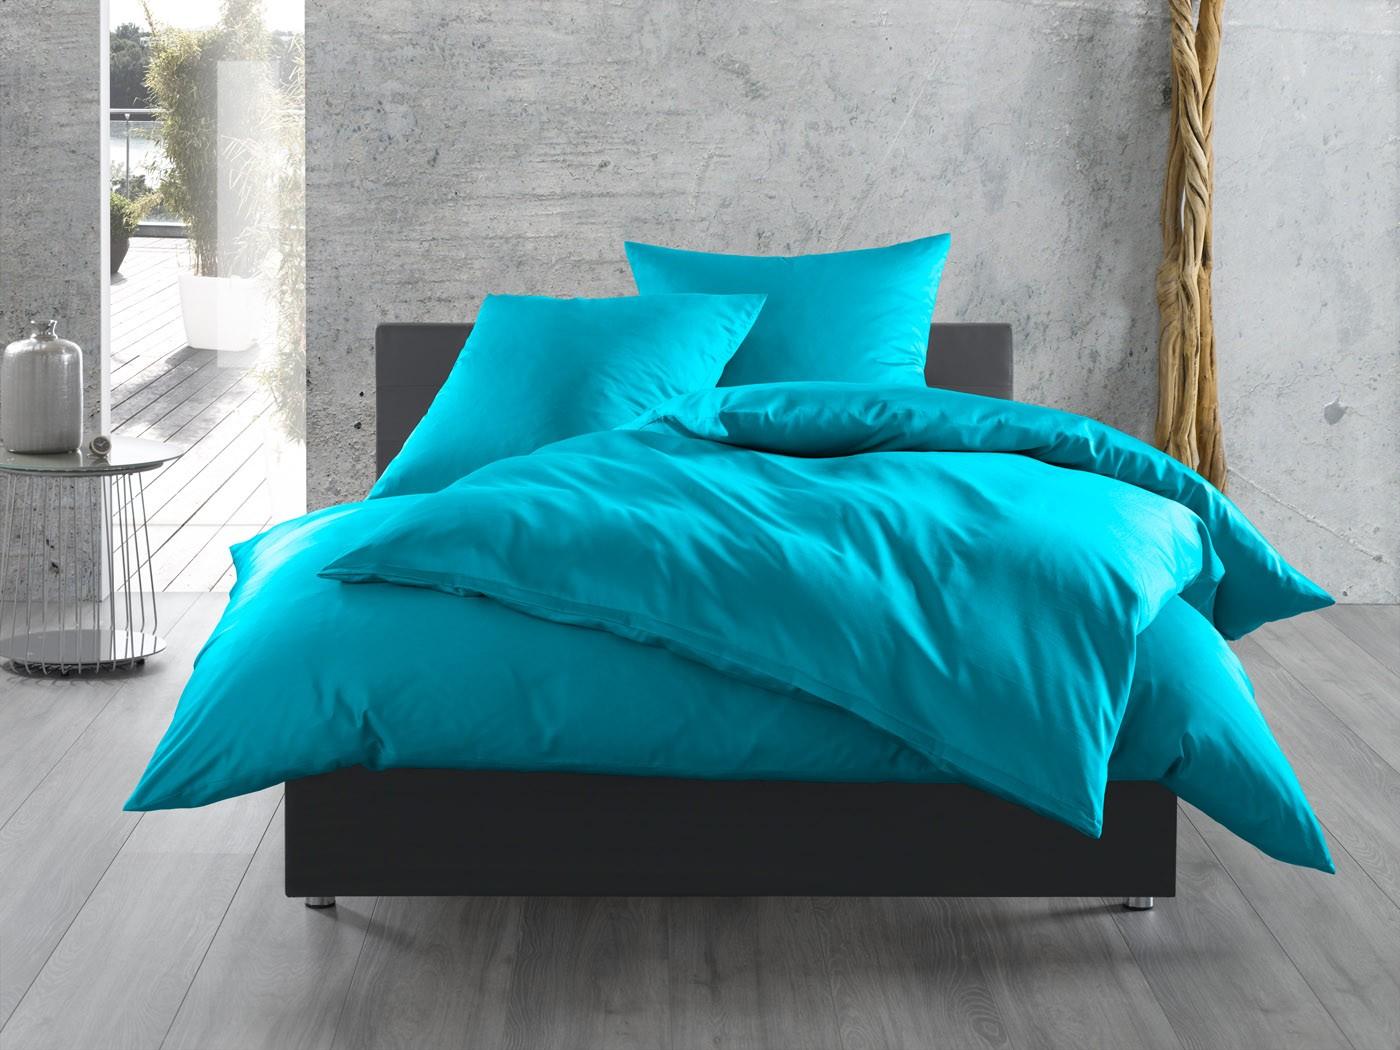 einfarbige bettw sche t rkis bettwaesche mit stil. Black Bedroom Furniture Sets. Home Design Ideas